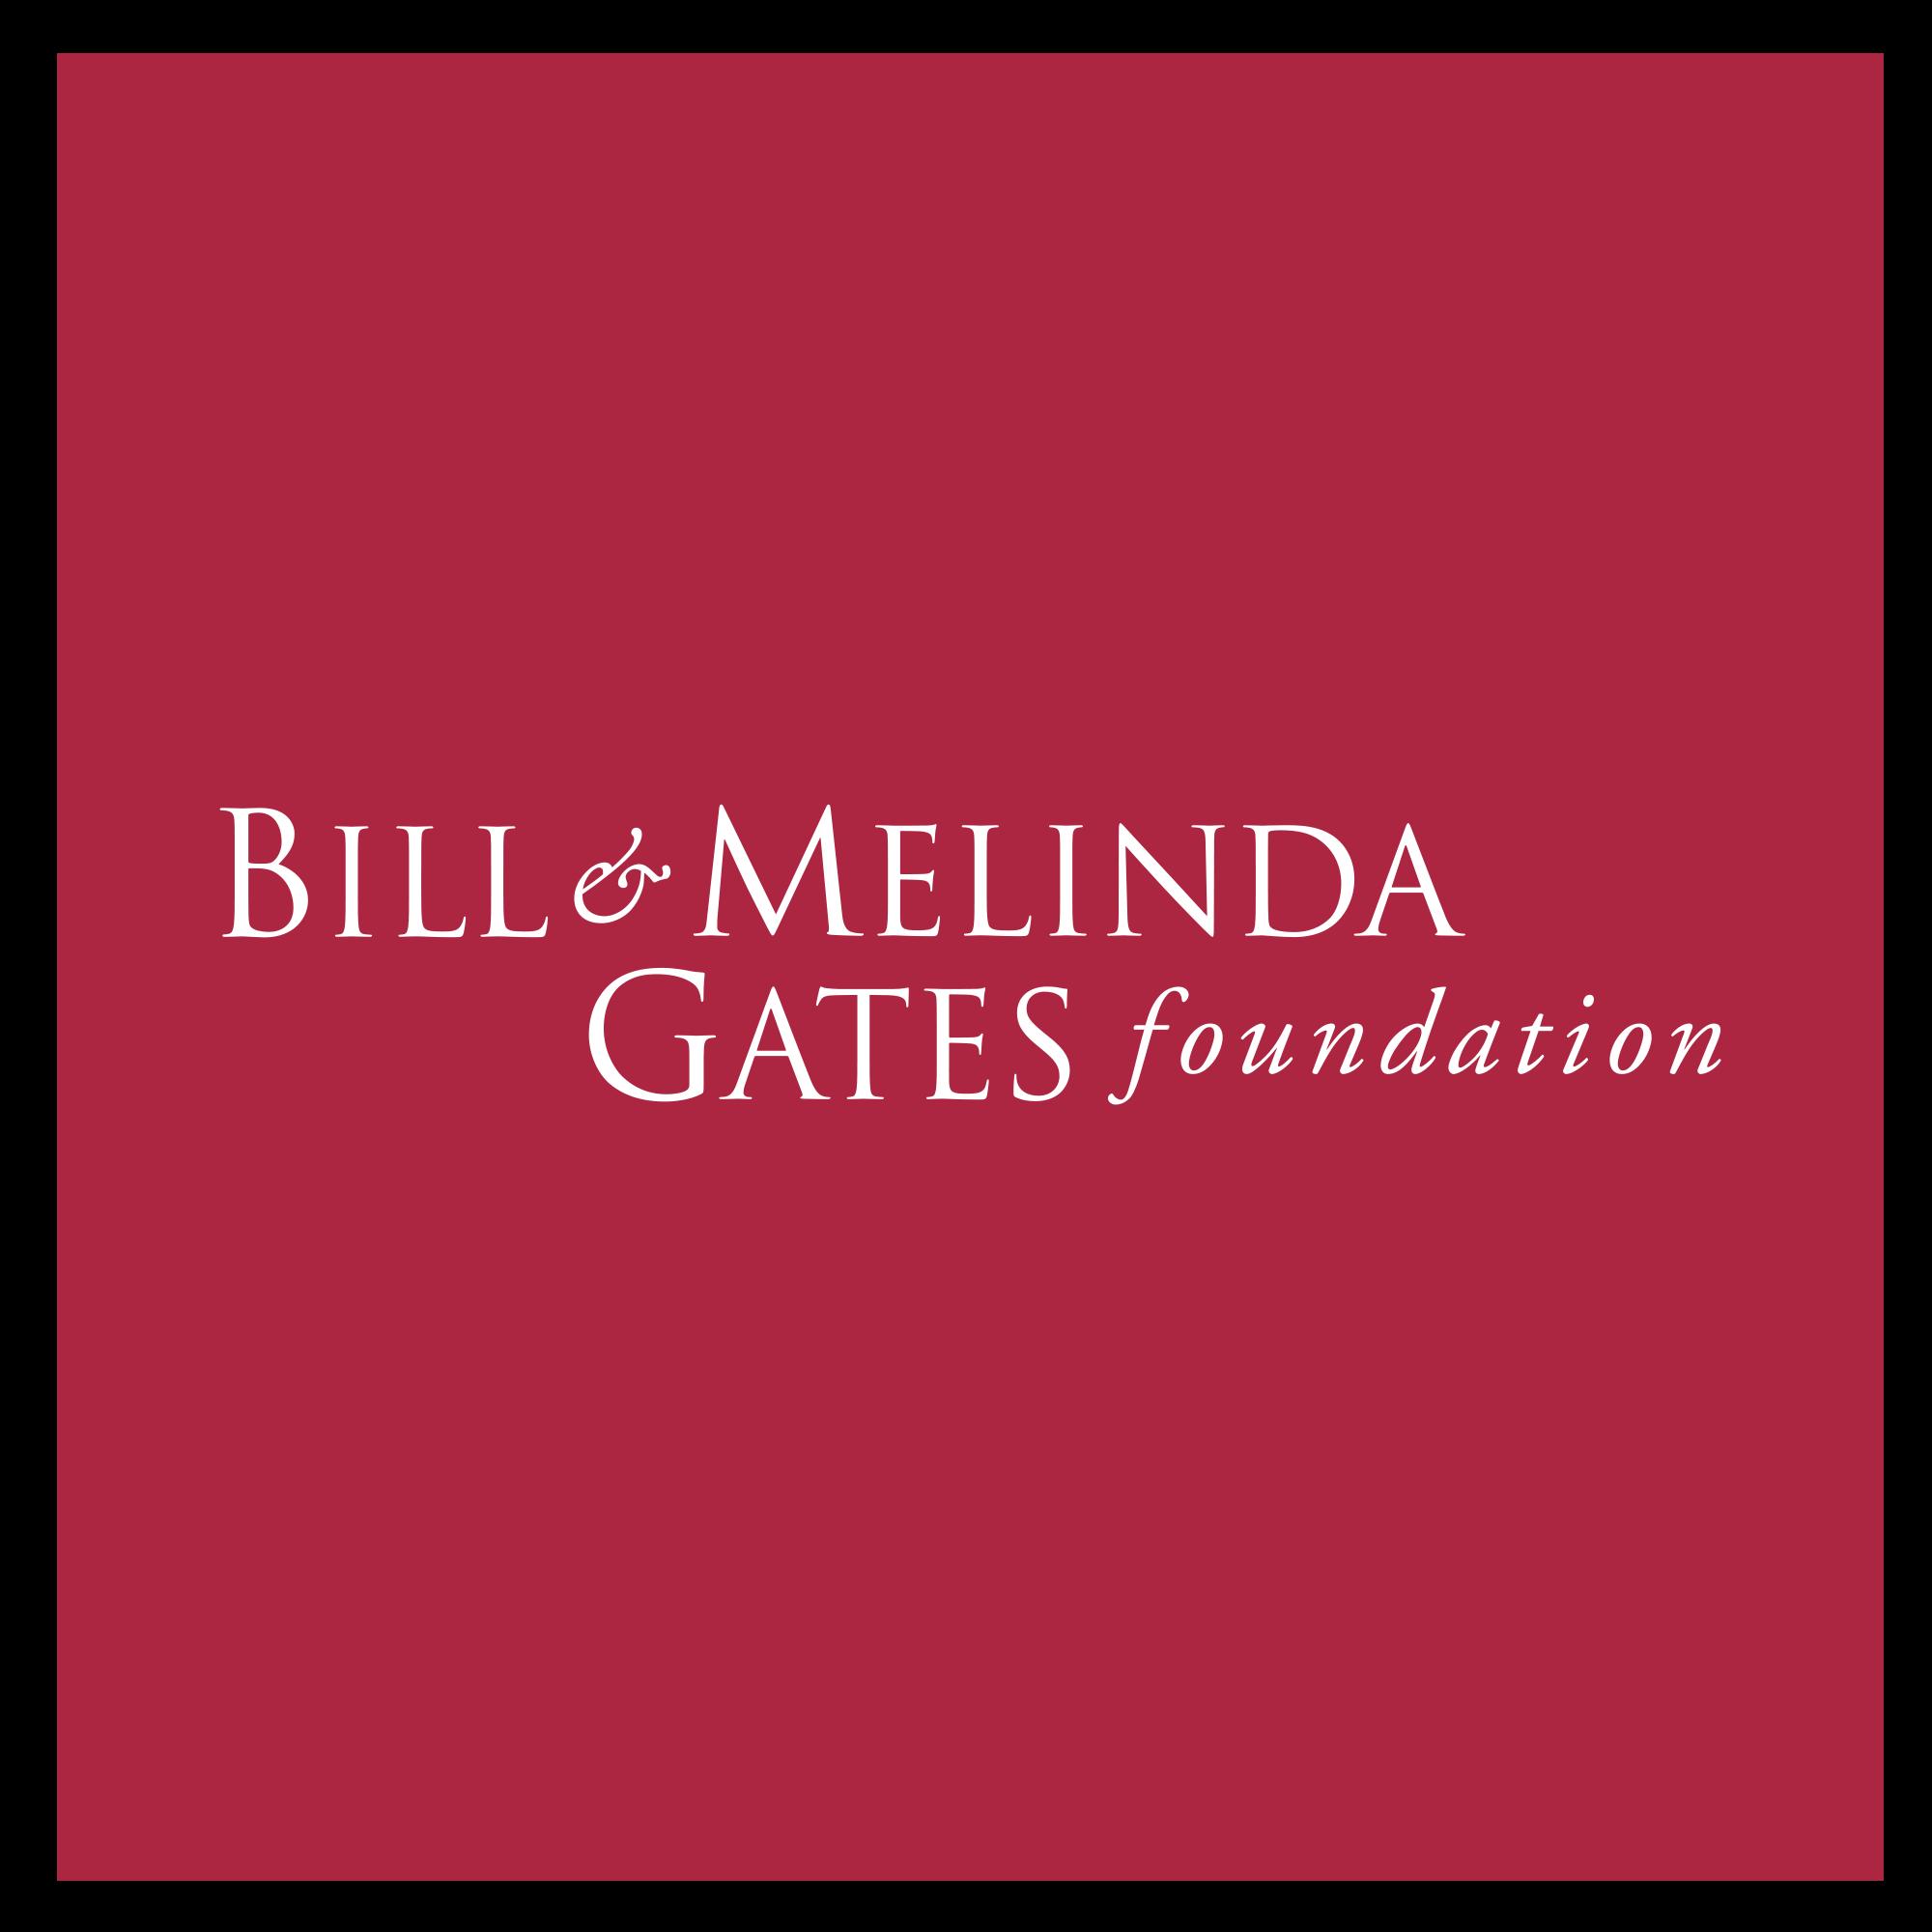 2000px-BillMelindaGatesFoundation.svg.png